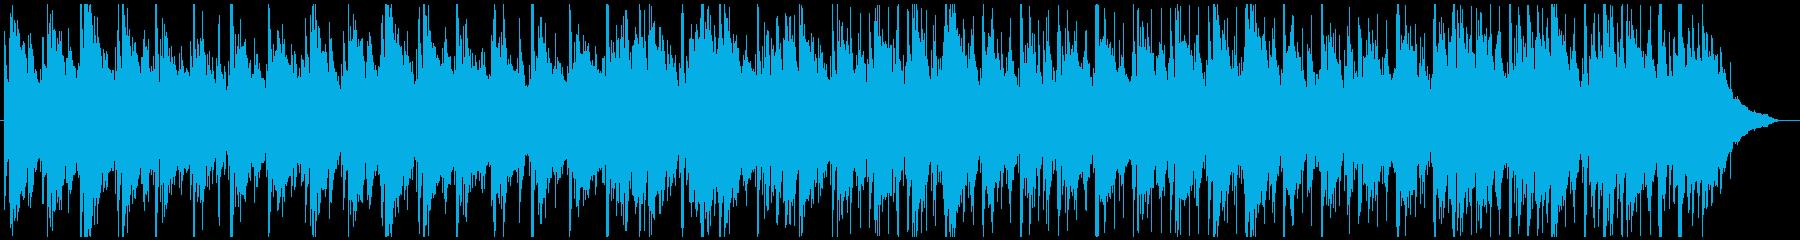 アコギストロークのんの再生済みの波形